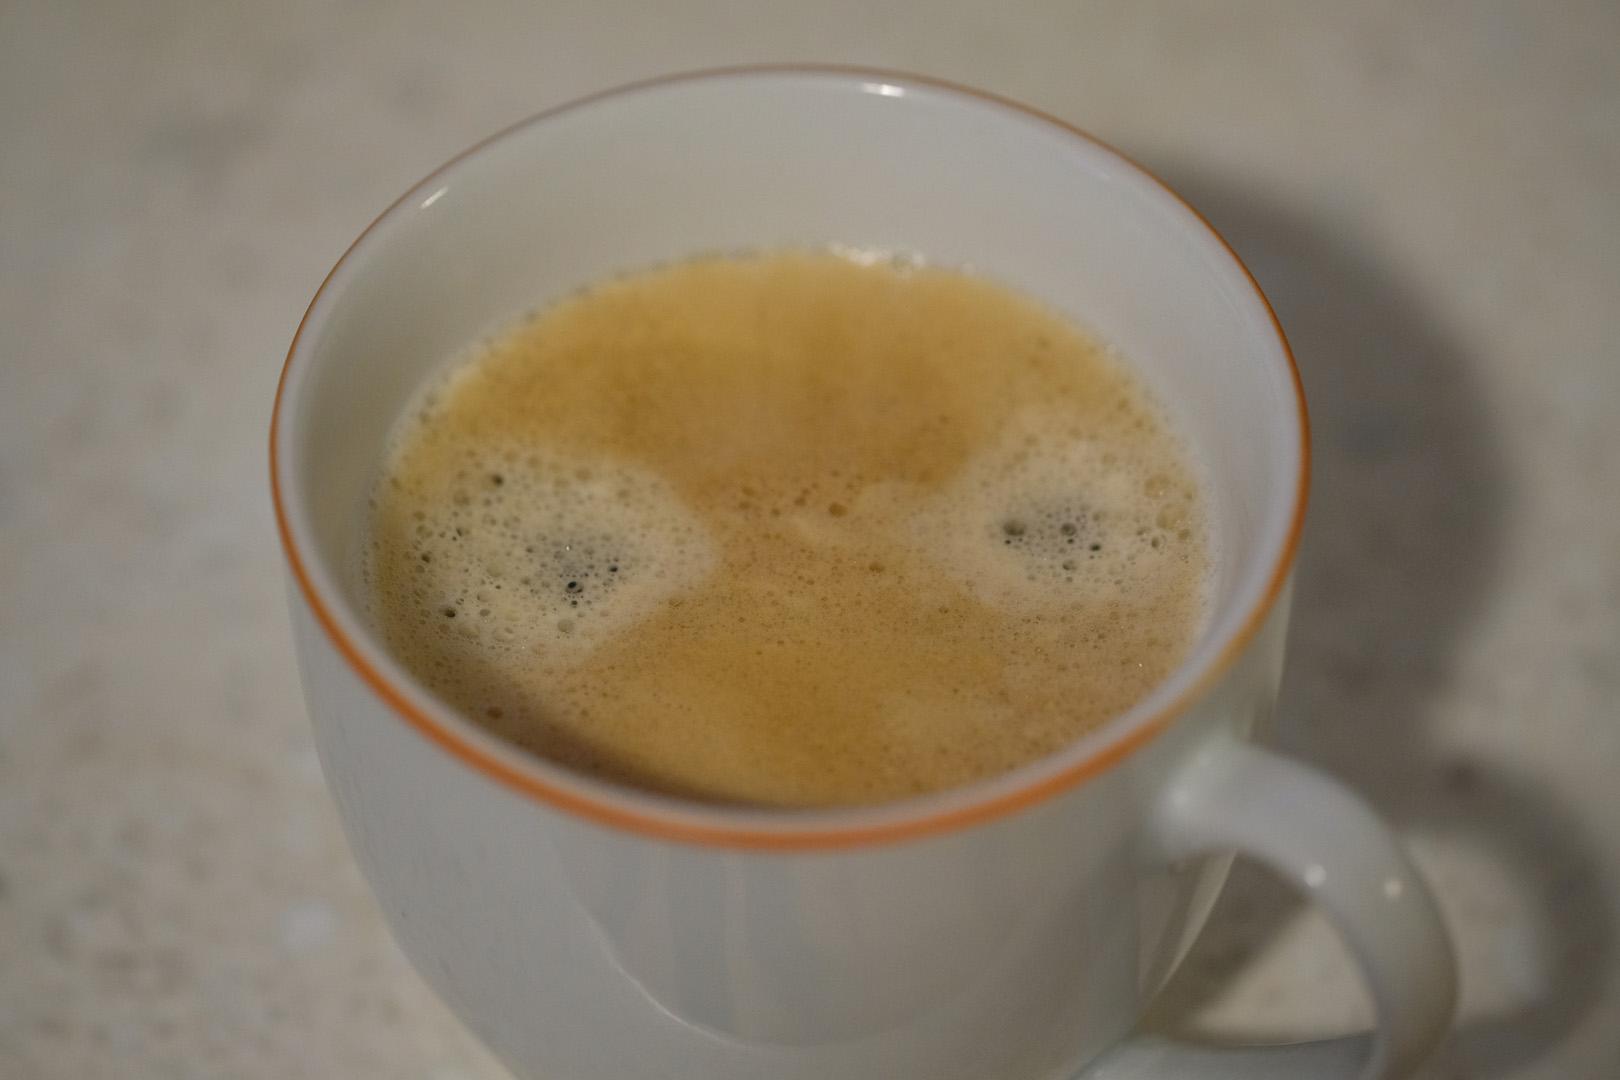 Mehr Kaffee trinken, weniger zuckerkrank?